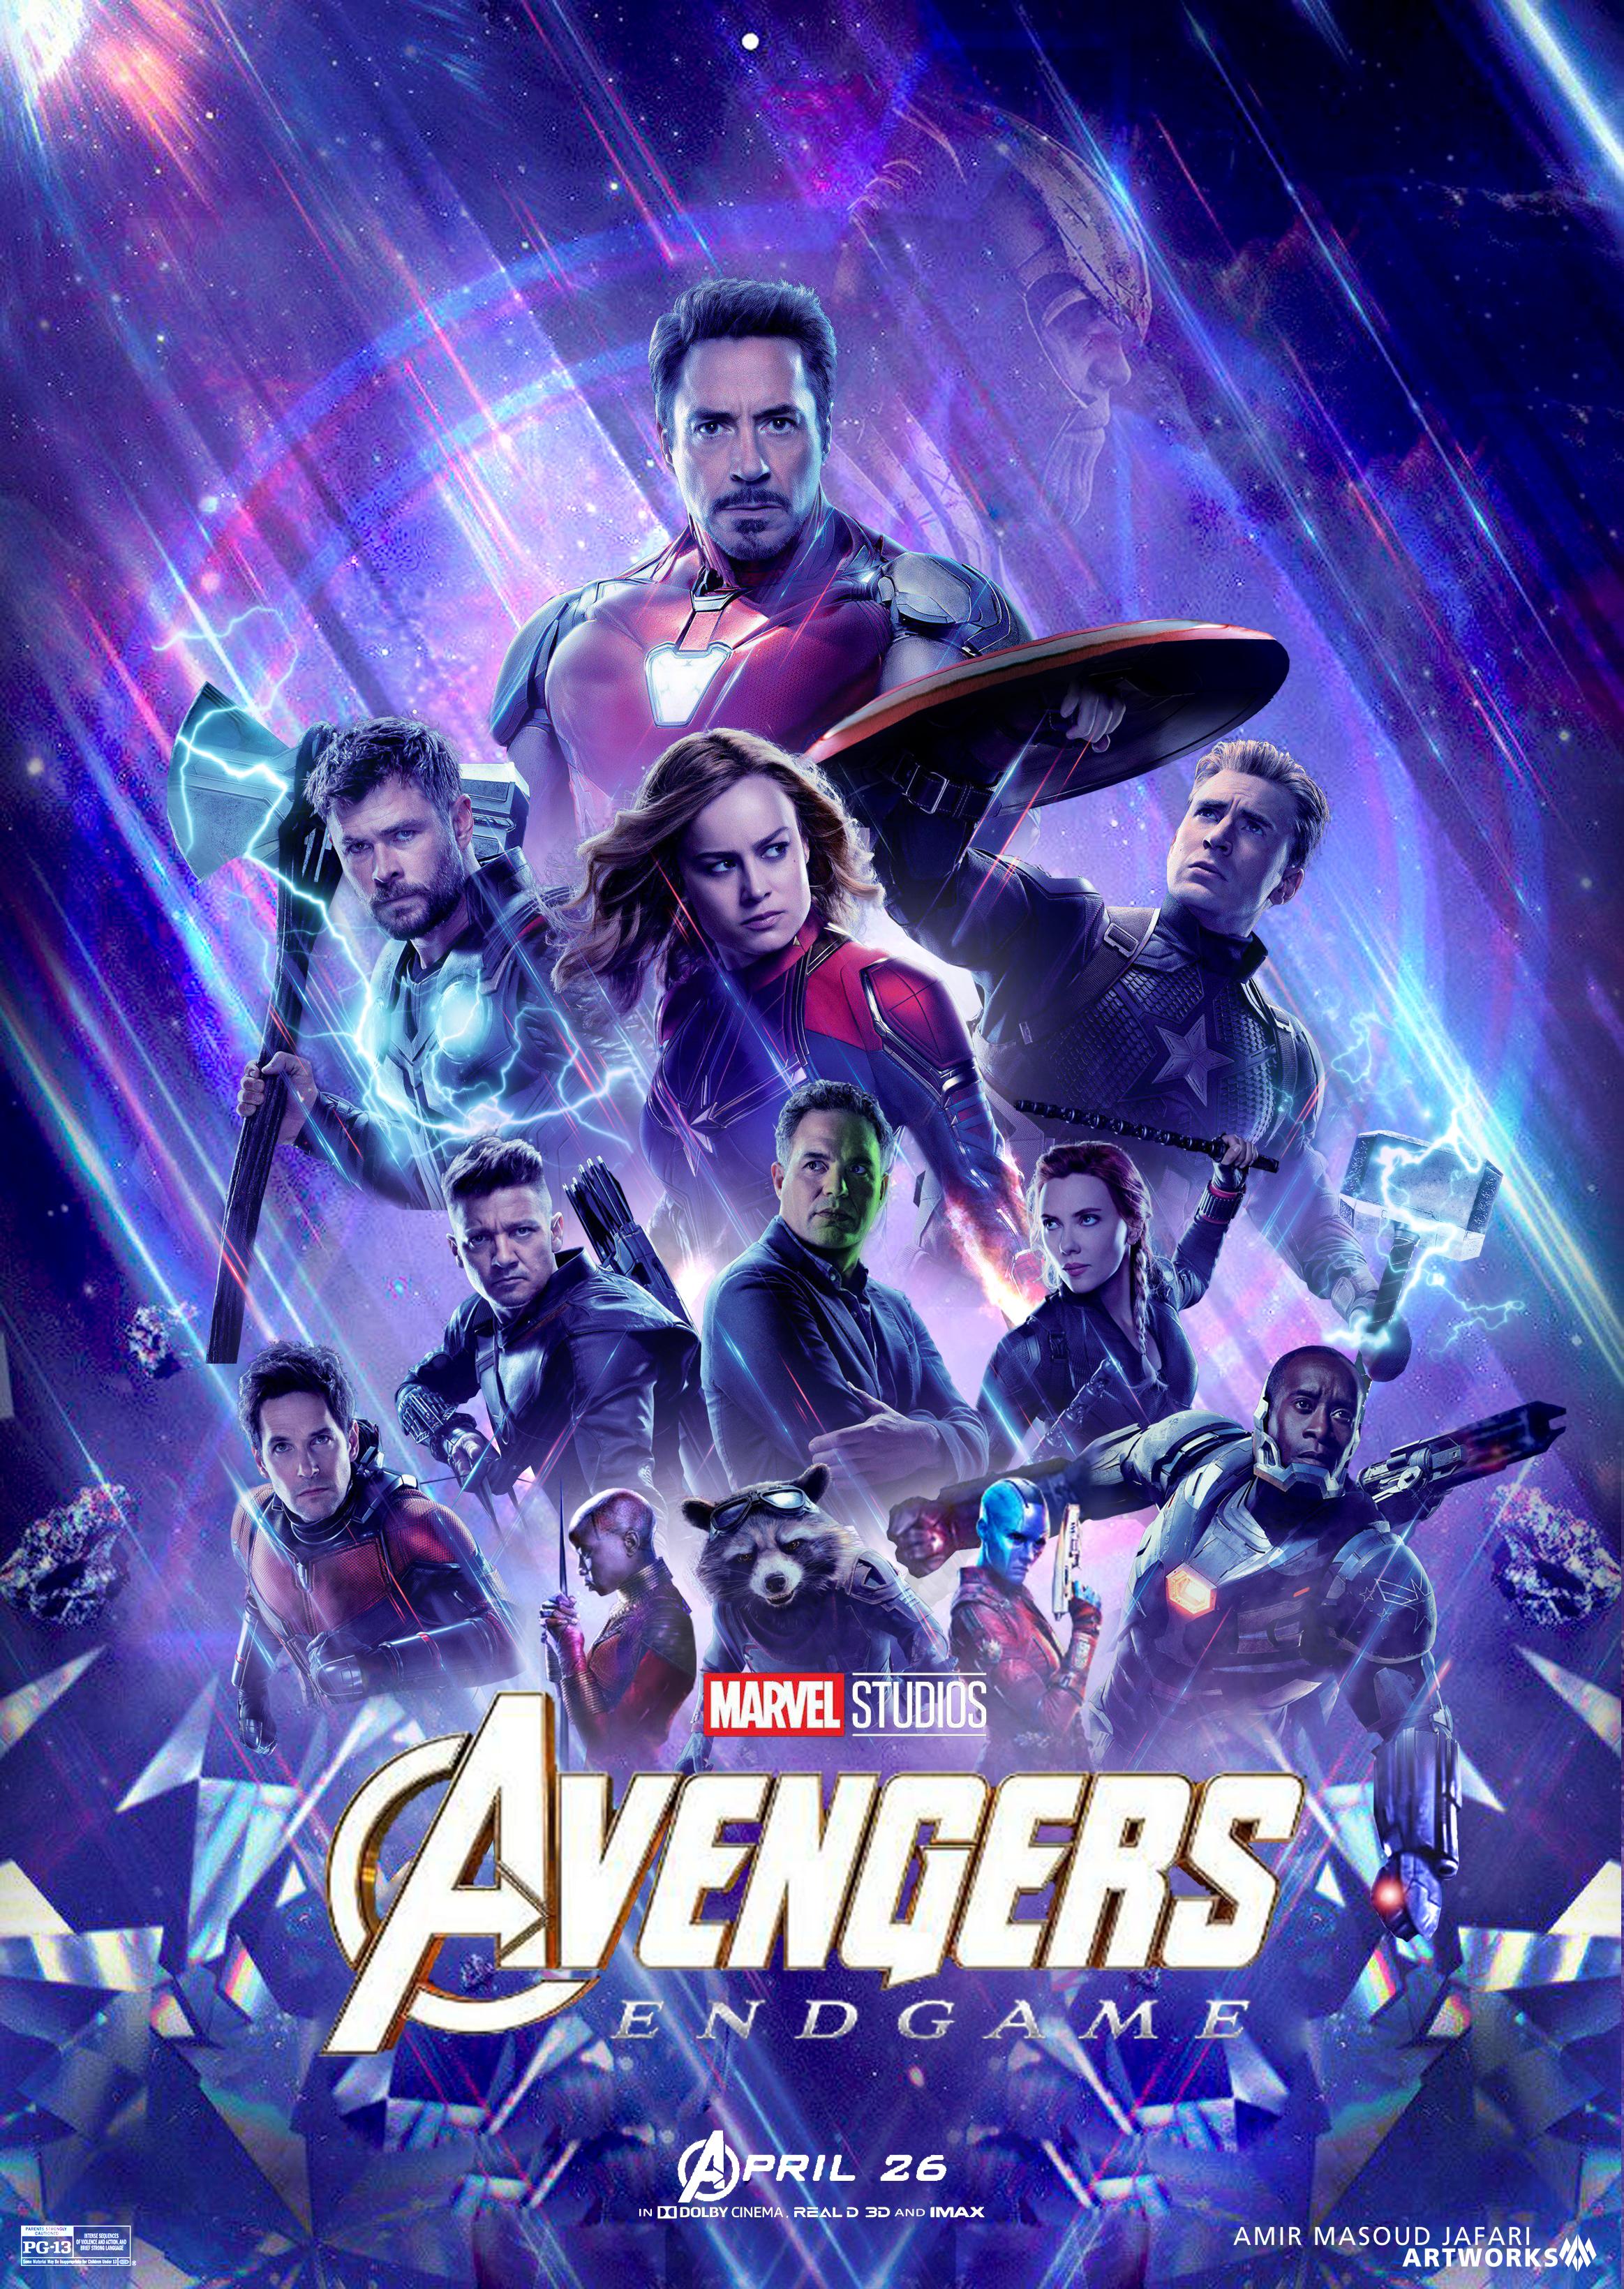 Avengers Endgame 2019 1 By Amirmasoudjafari On Deviantart